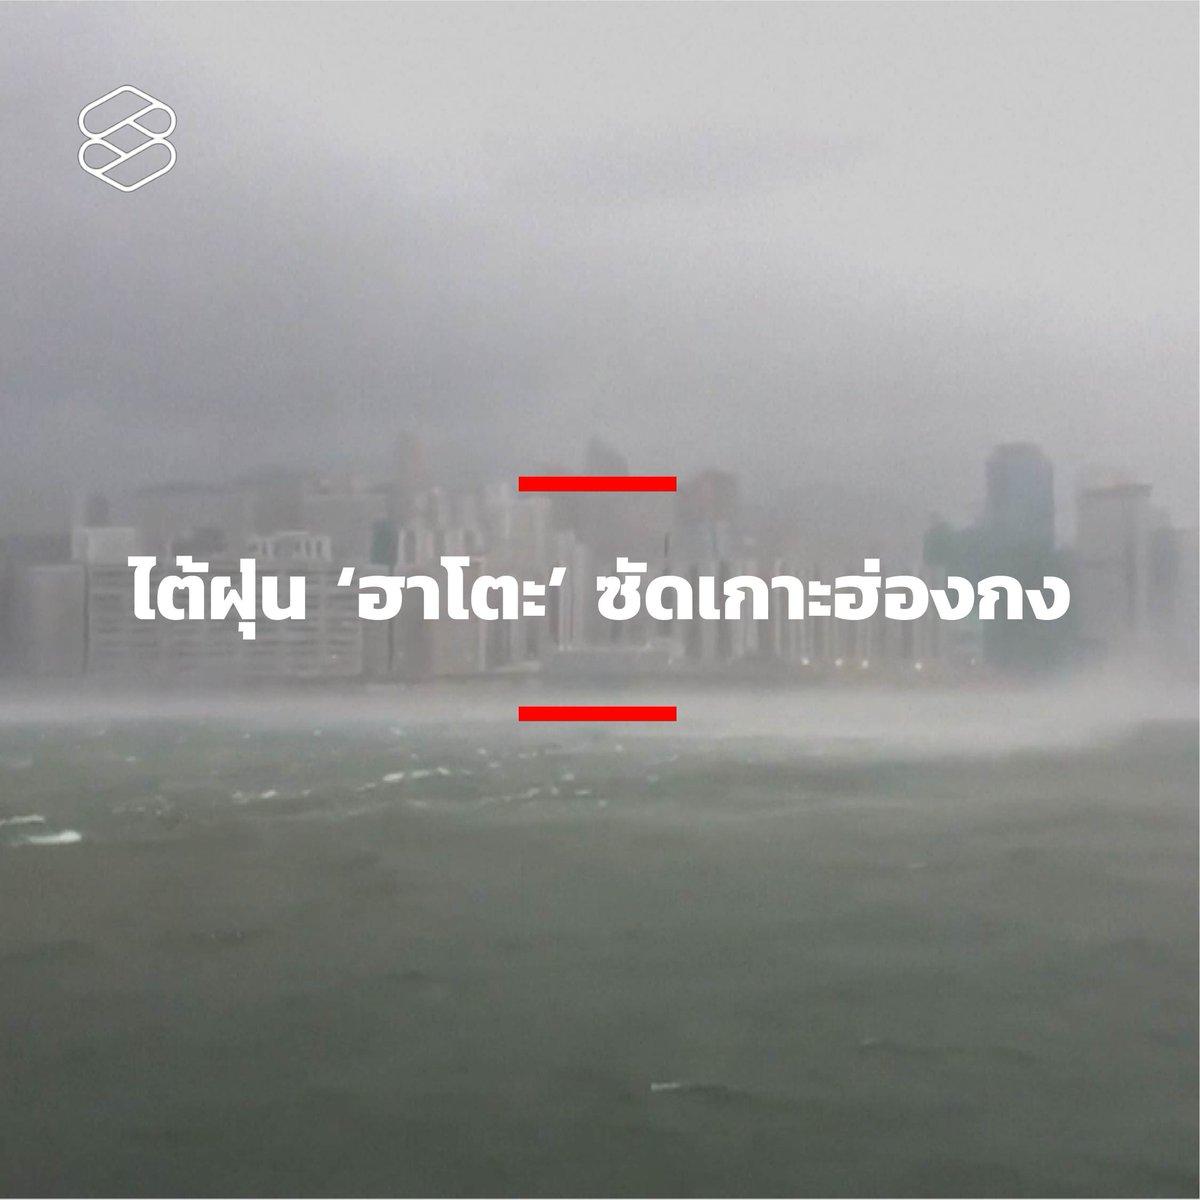 ไต้ฝุ่น 'ฮาโตะ' ซัดเกาะฮ่องกง #HongKong #News #TheStandardCo